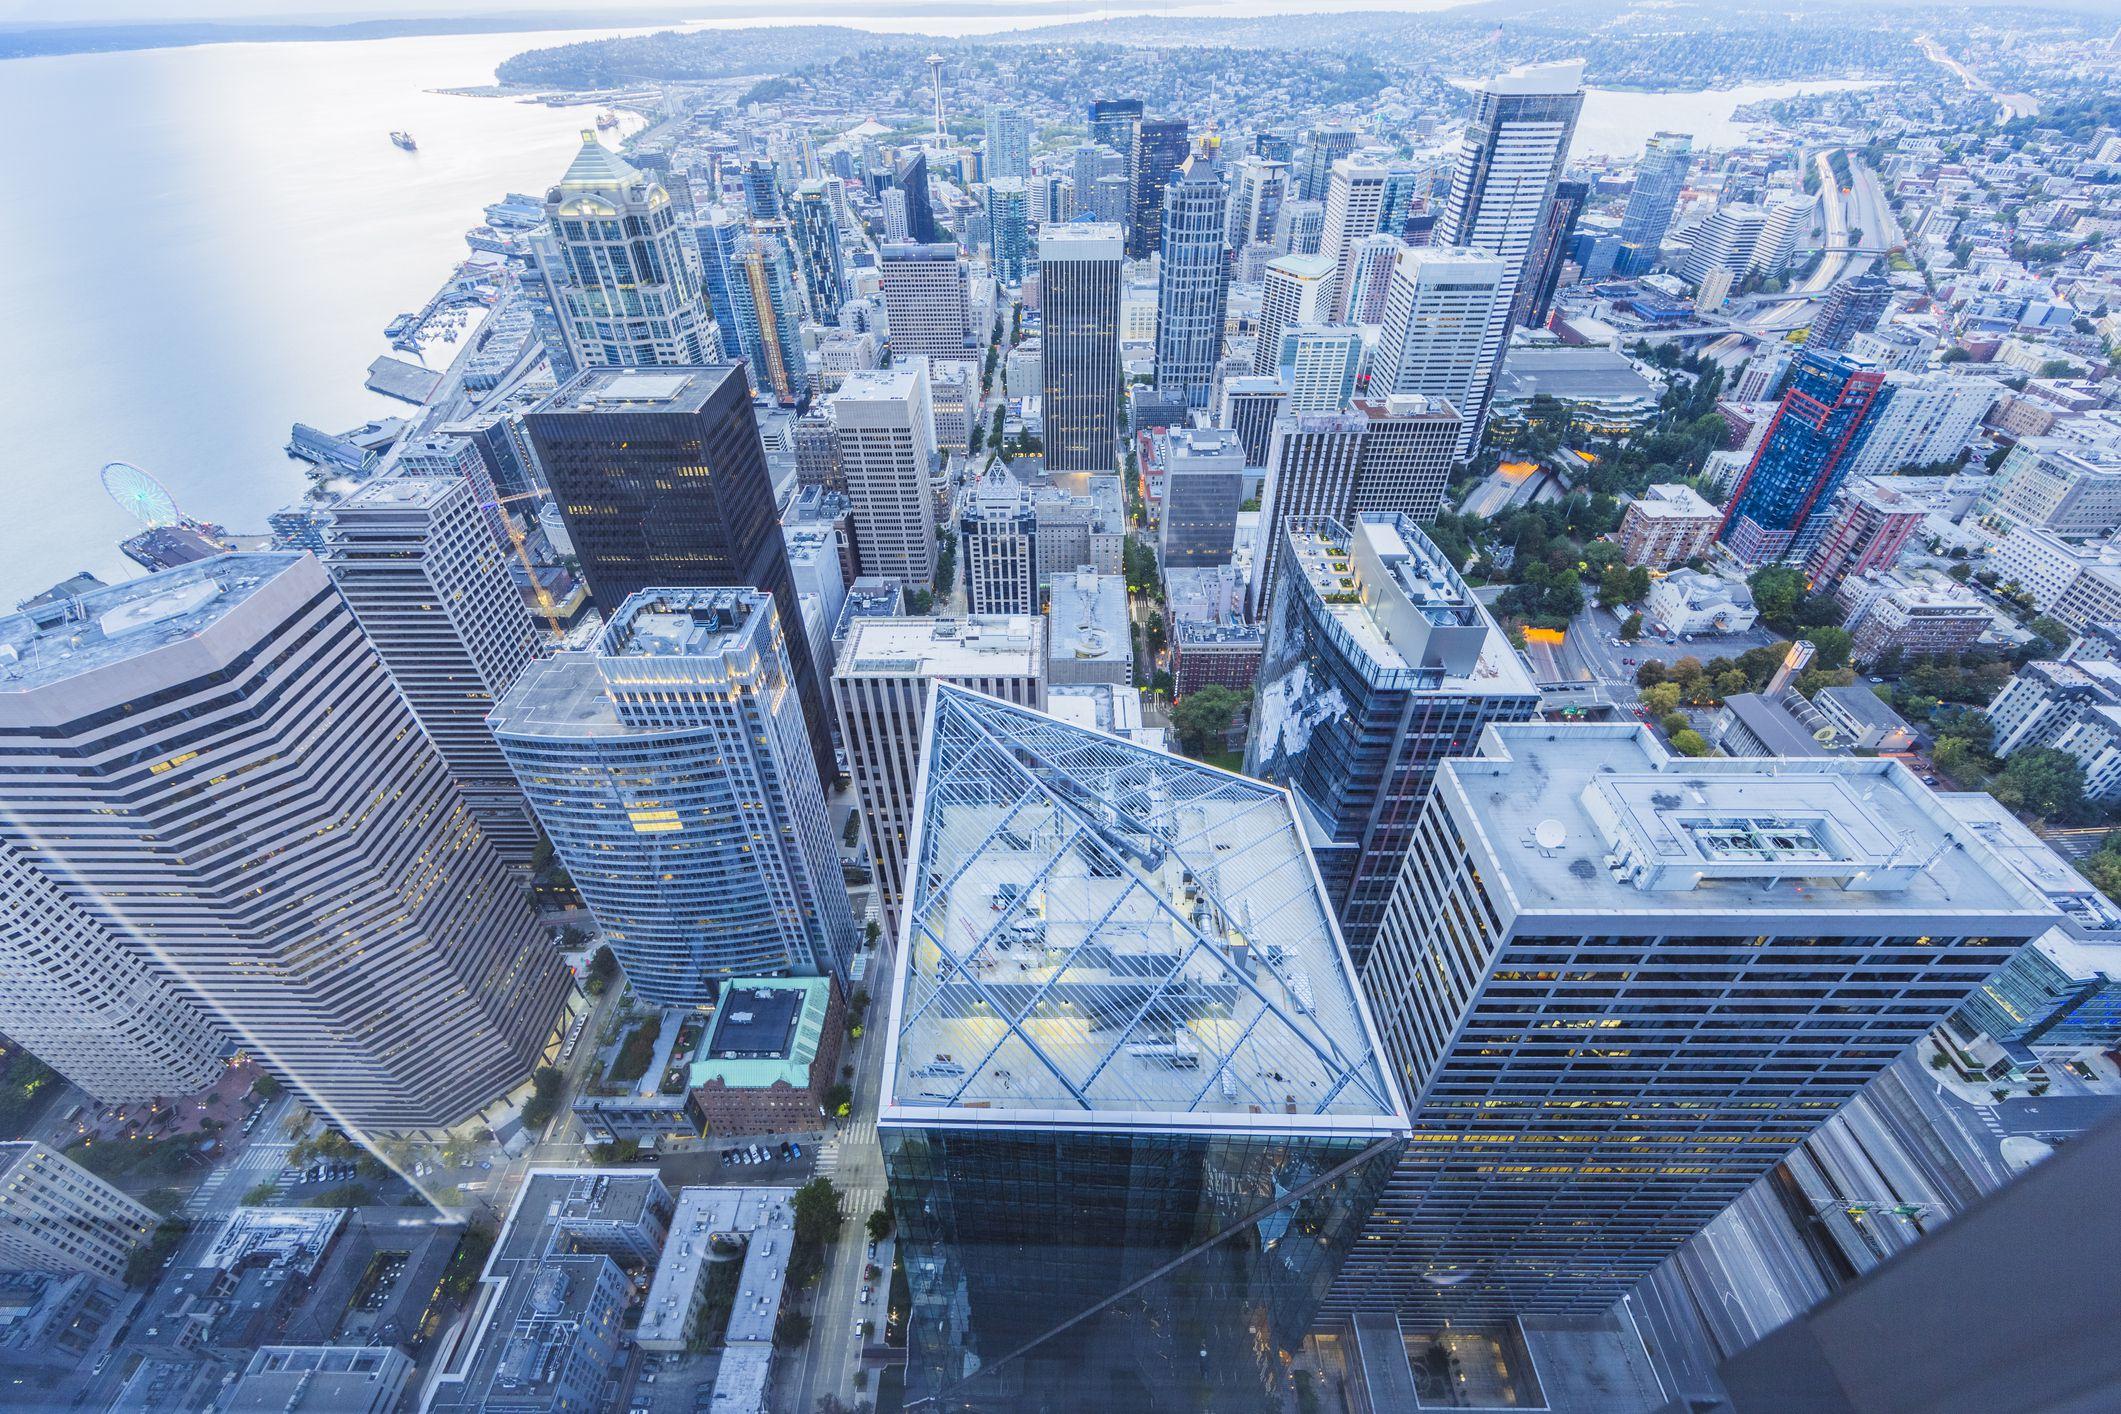 Vista aérea del horizonte costero de Seattle, Estado de Washington, EE. UU.